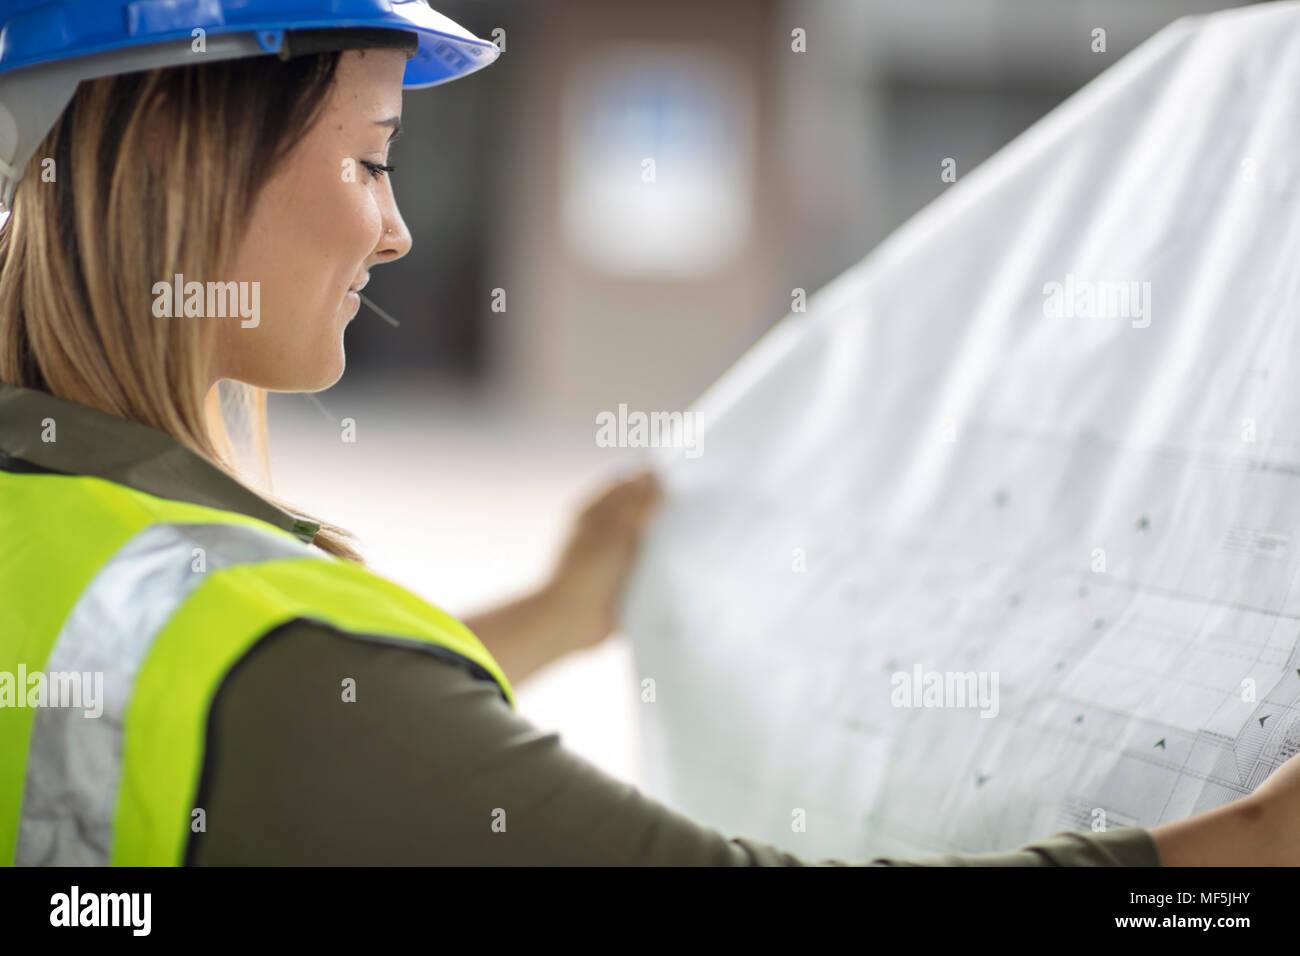 Mujer vistiendo sombrero duro mirando en plan de construcción Imagen De Stock